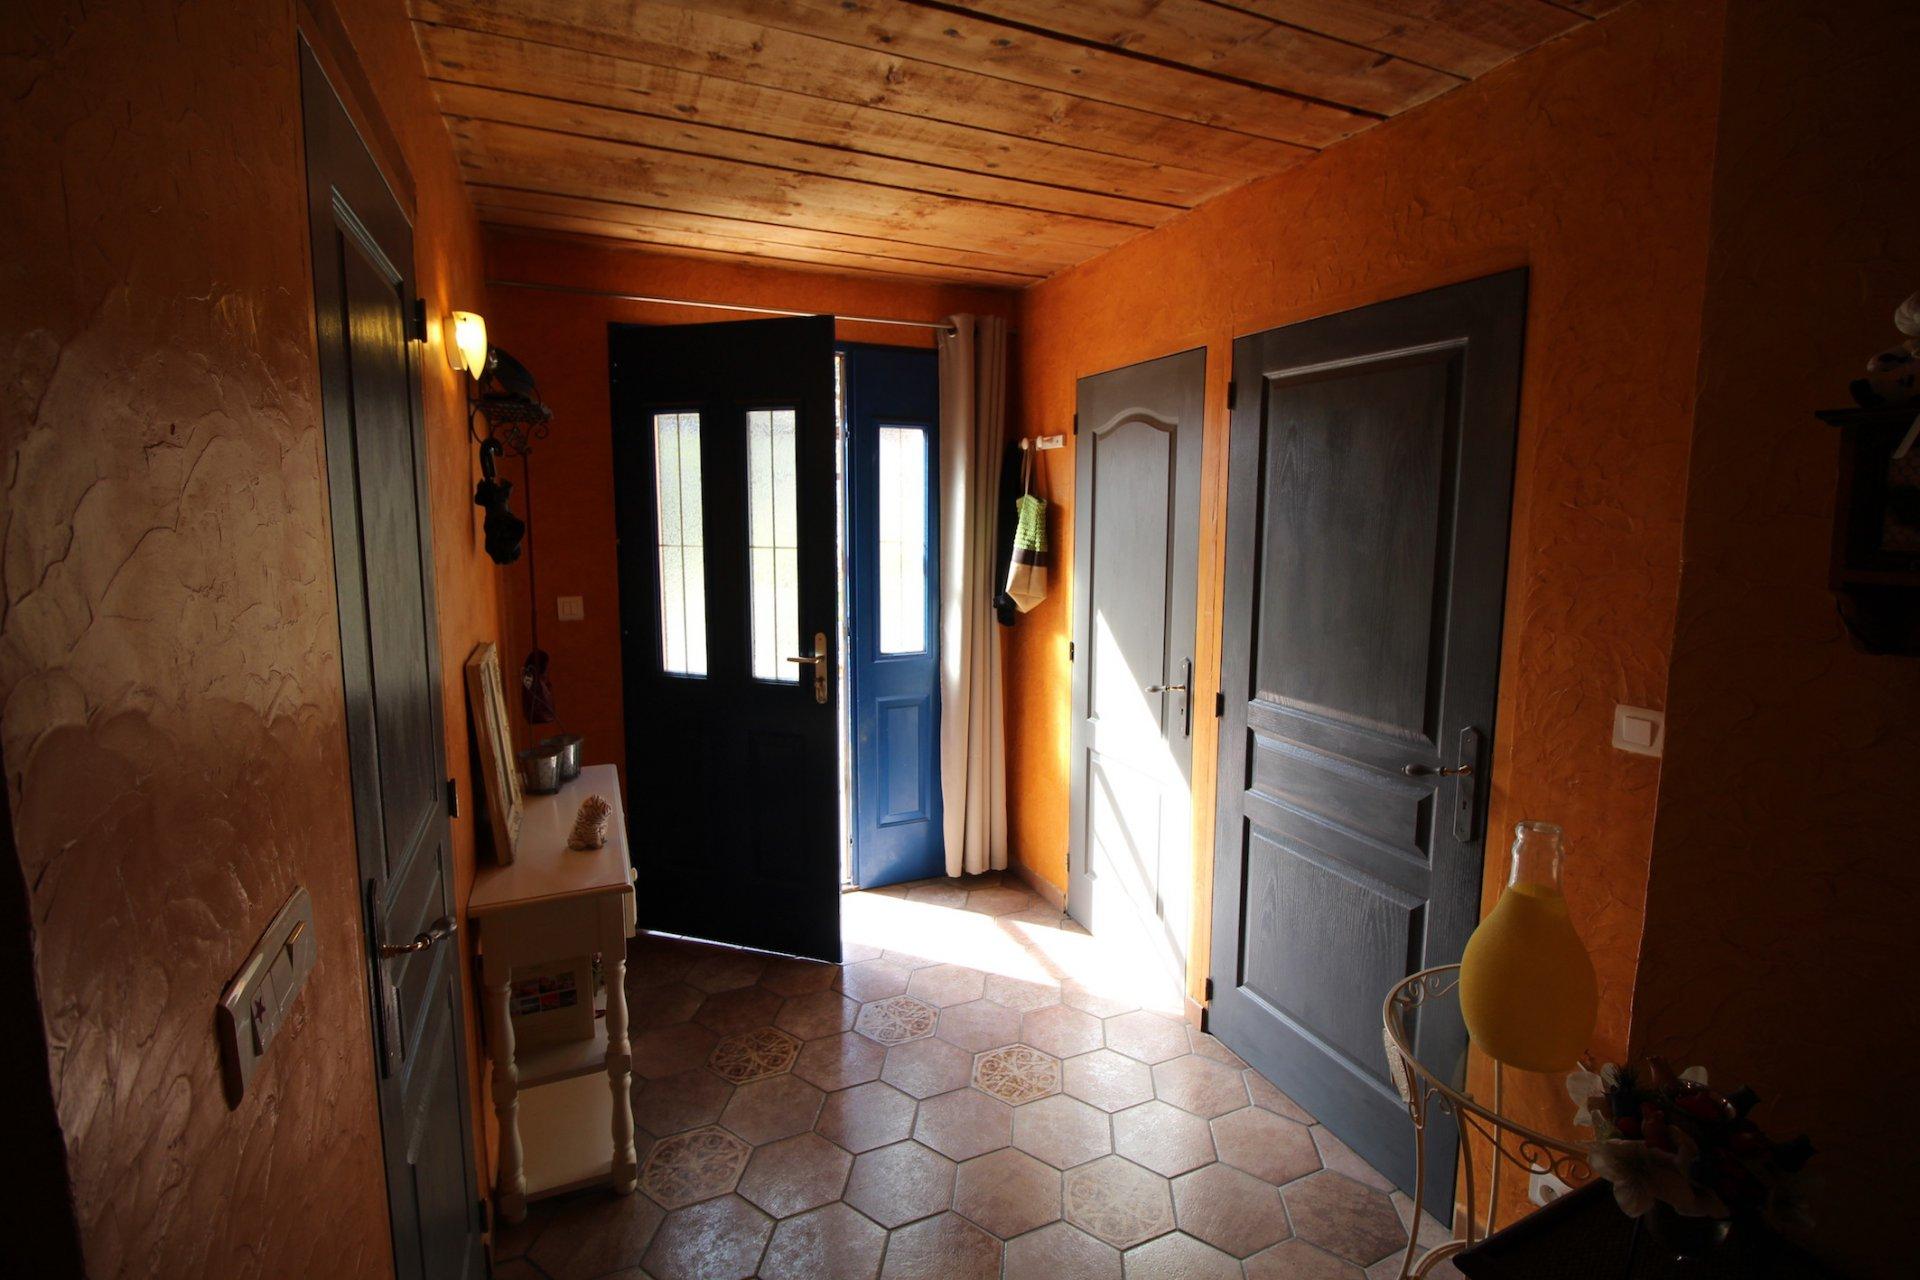 Cotignac, Entrecasteaux area, an exceptional countryside environment